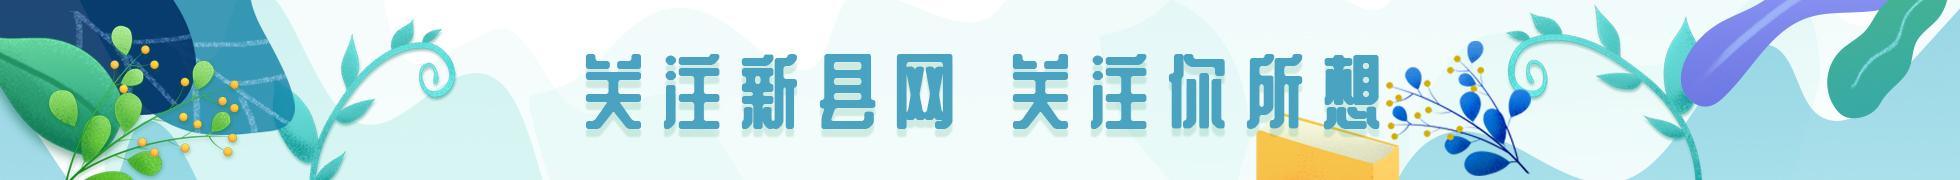 新县网专业建站